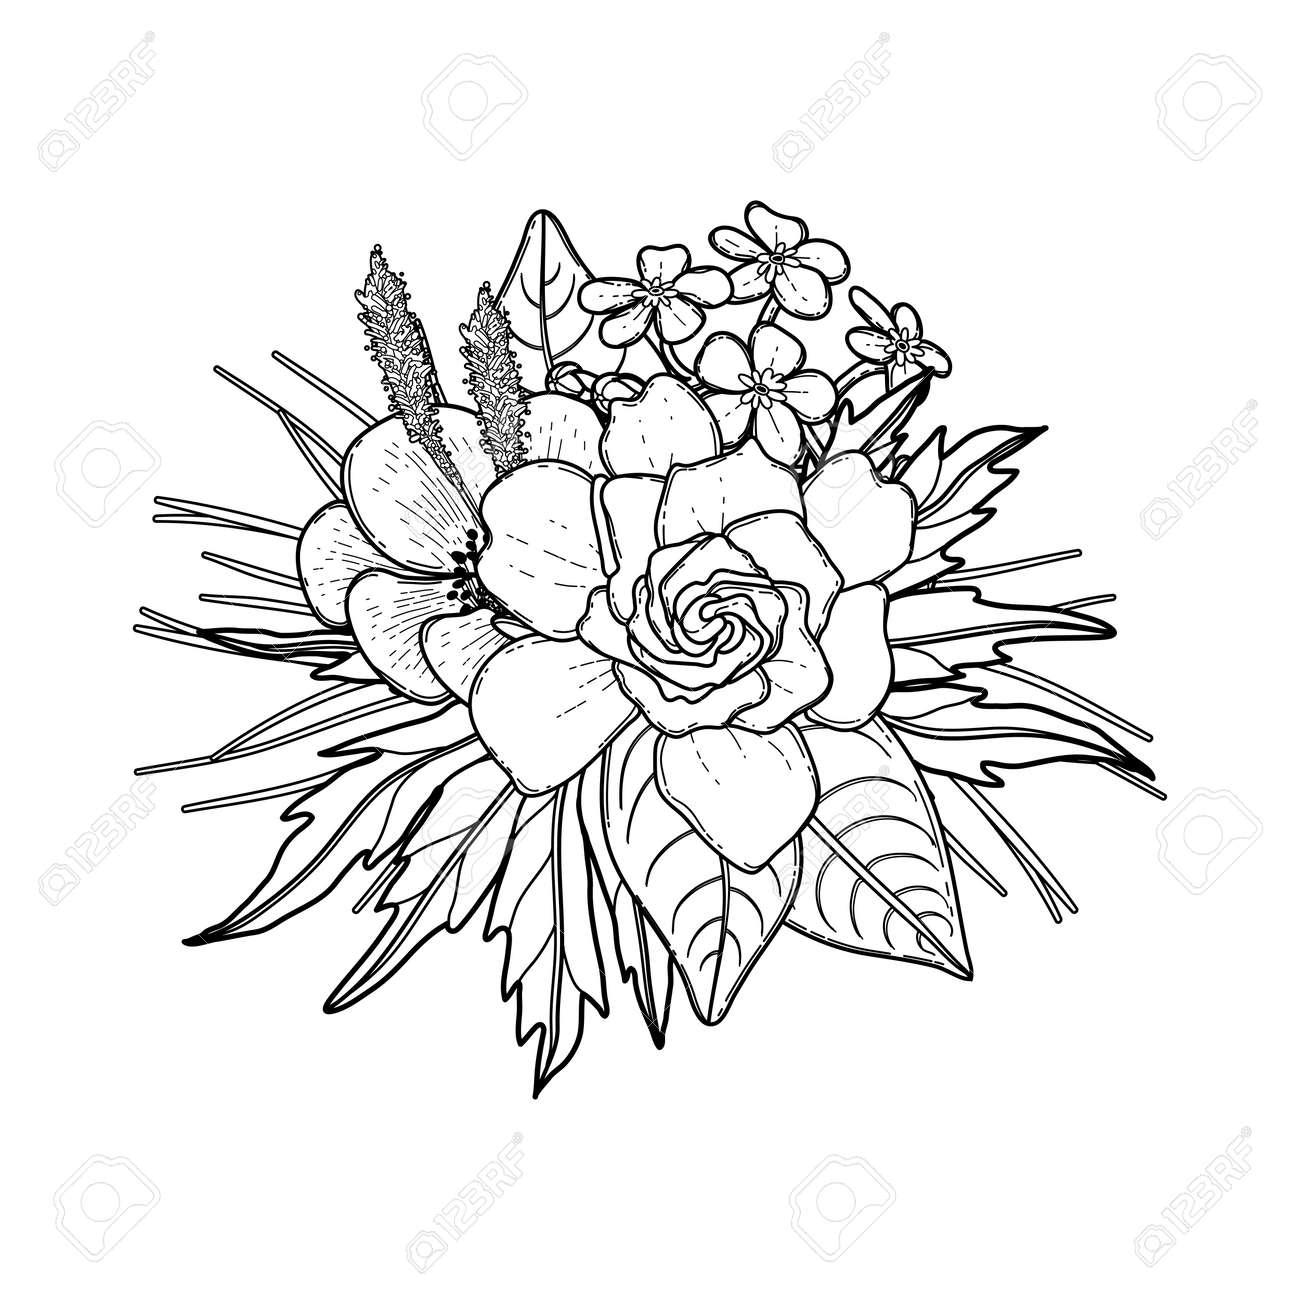 Tarjeta Floral Gráfico. Vectores De Las Hojas Y Flores En Una Viñeta ...